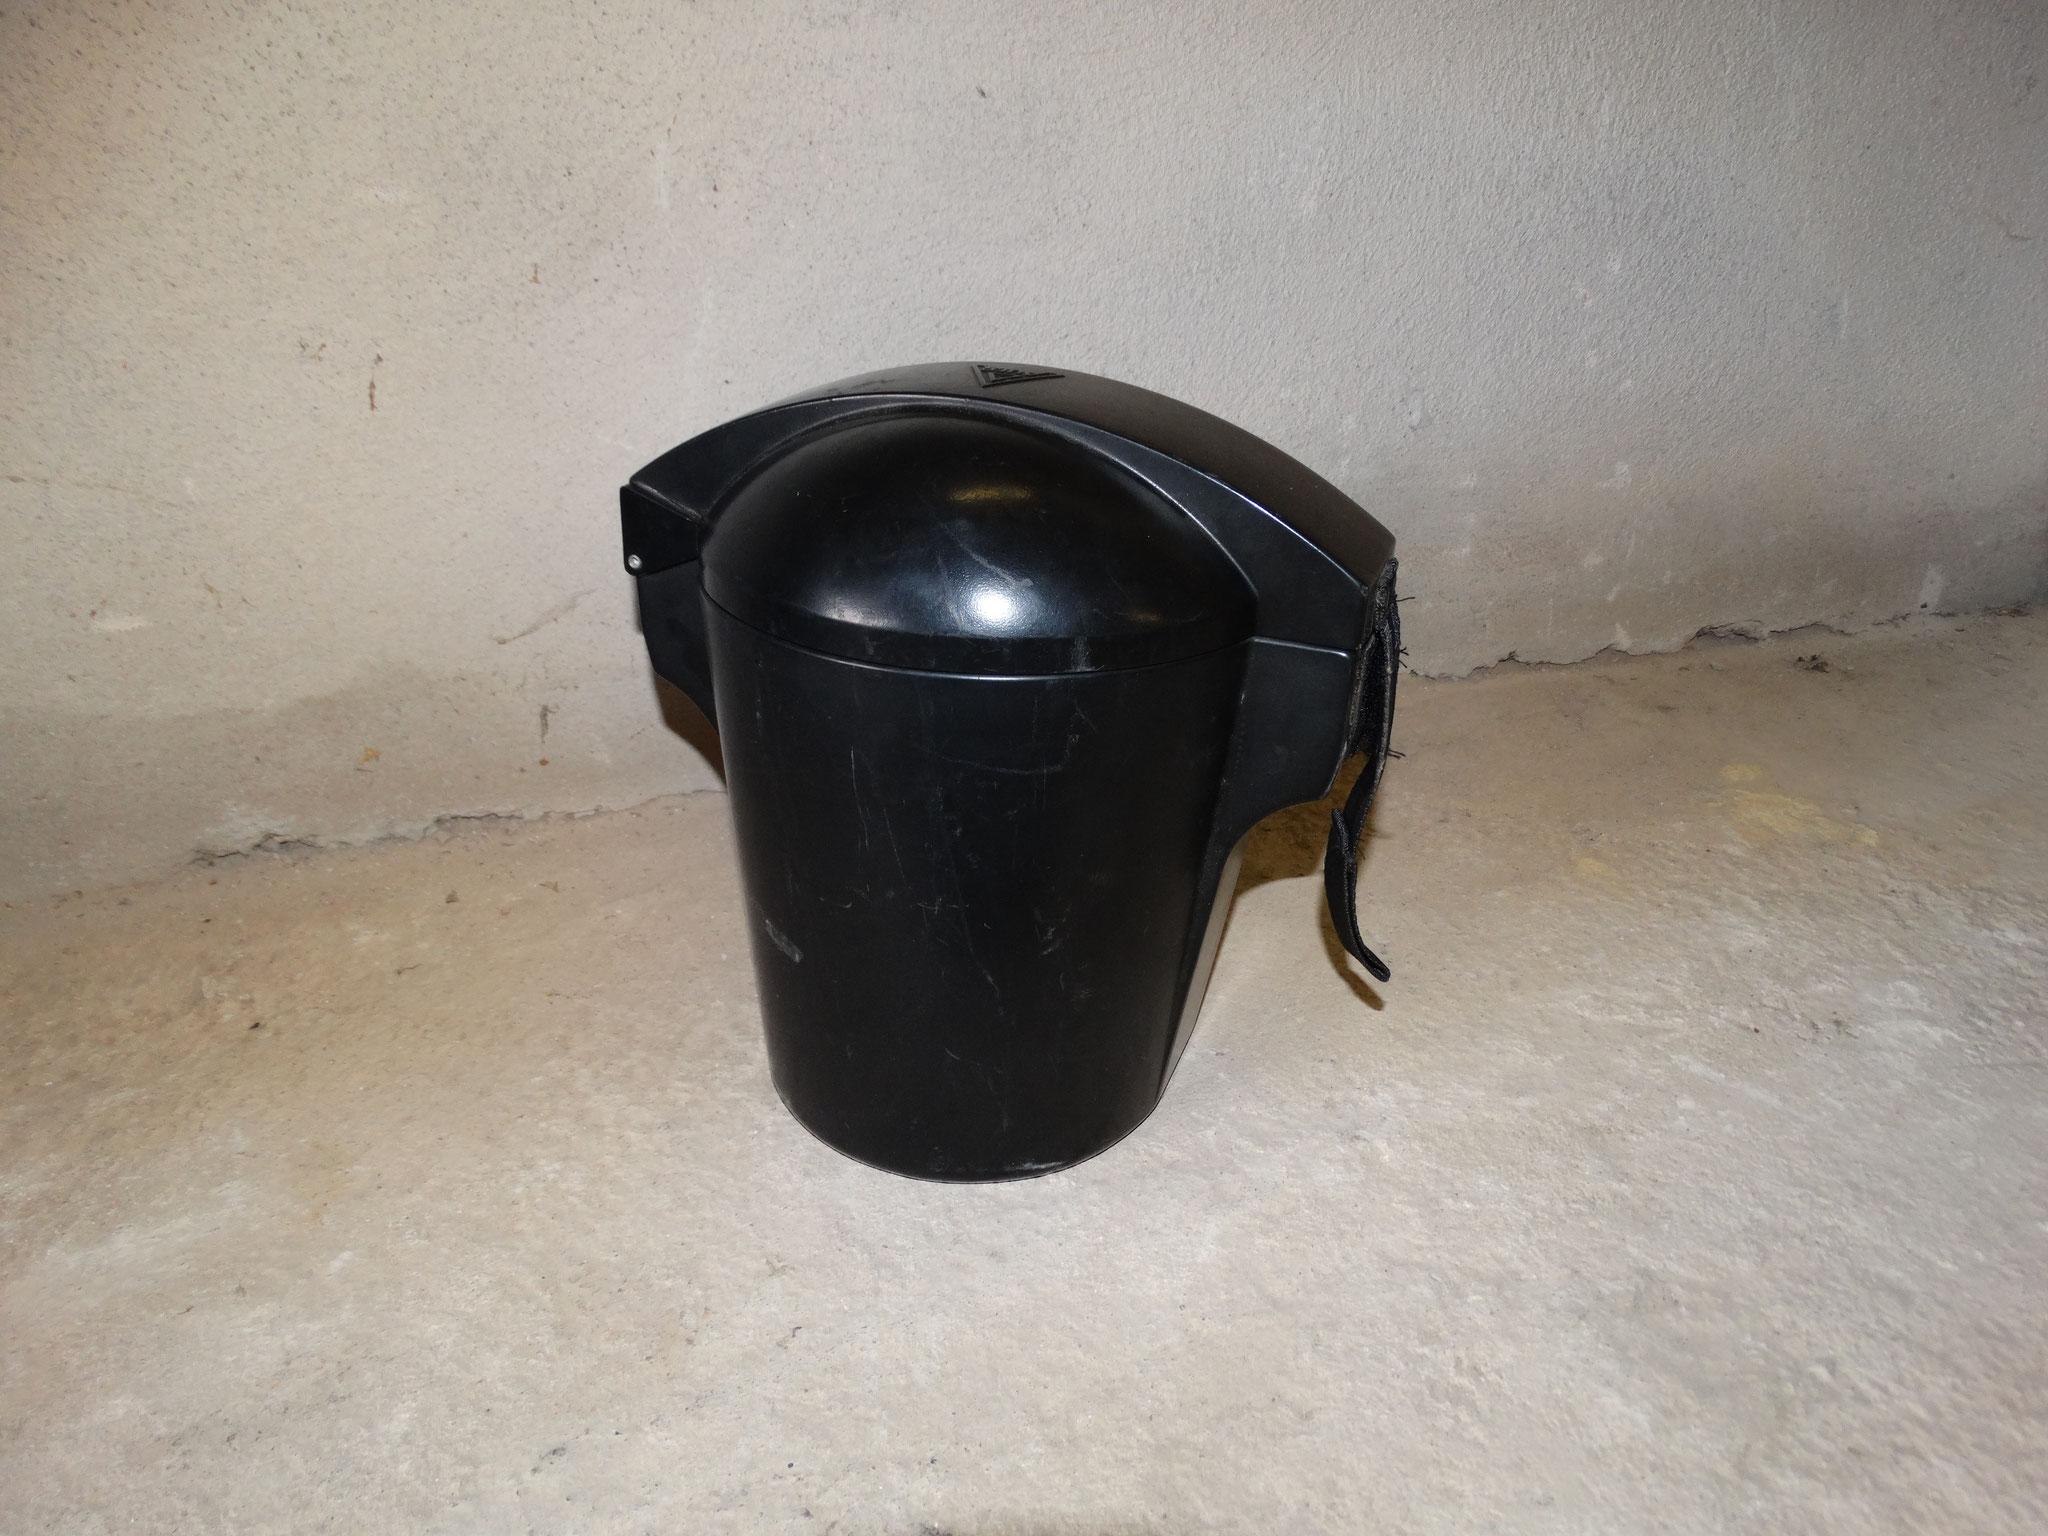 Atemschutzmasken in Transportbehältern/2x verladen